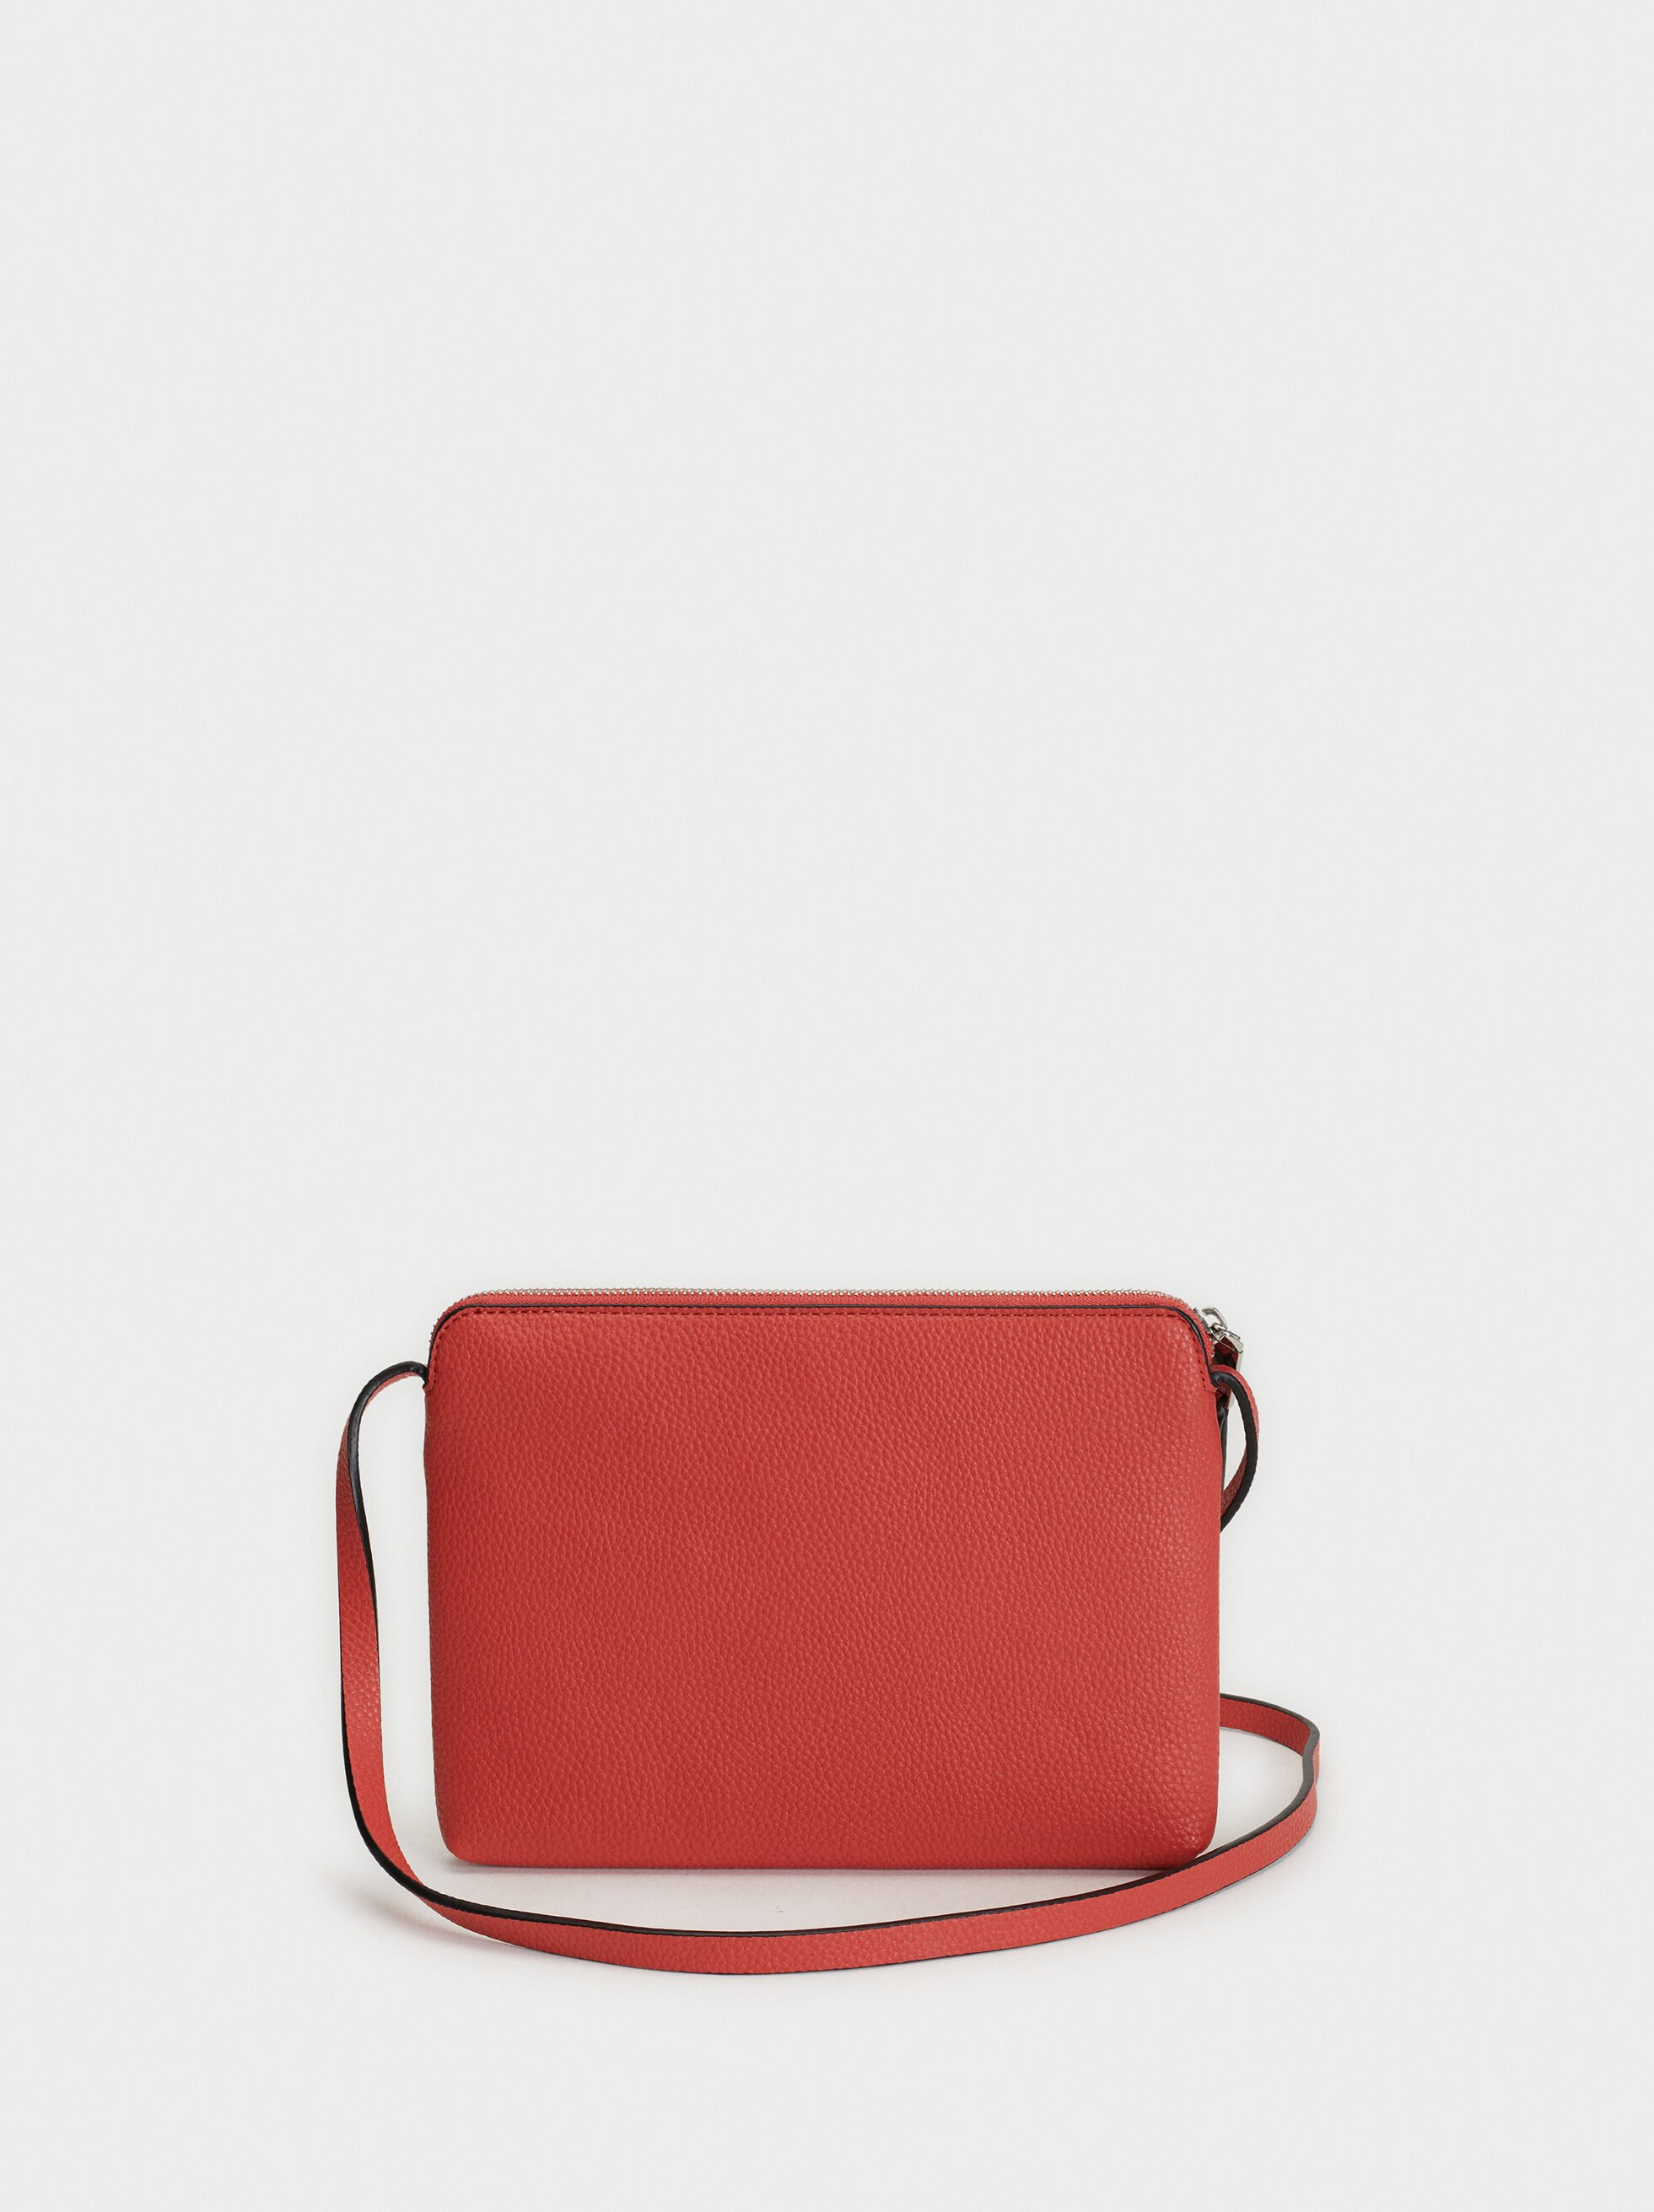 Shoulder Bag With Outer Pocket, Coral, hi-res